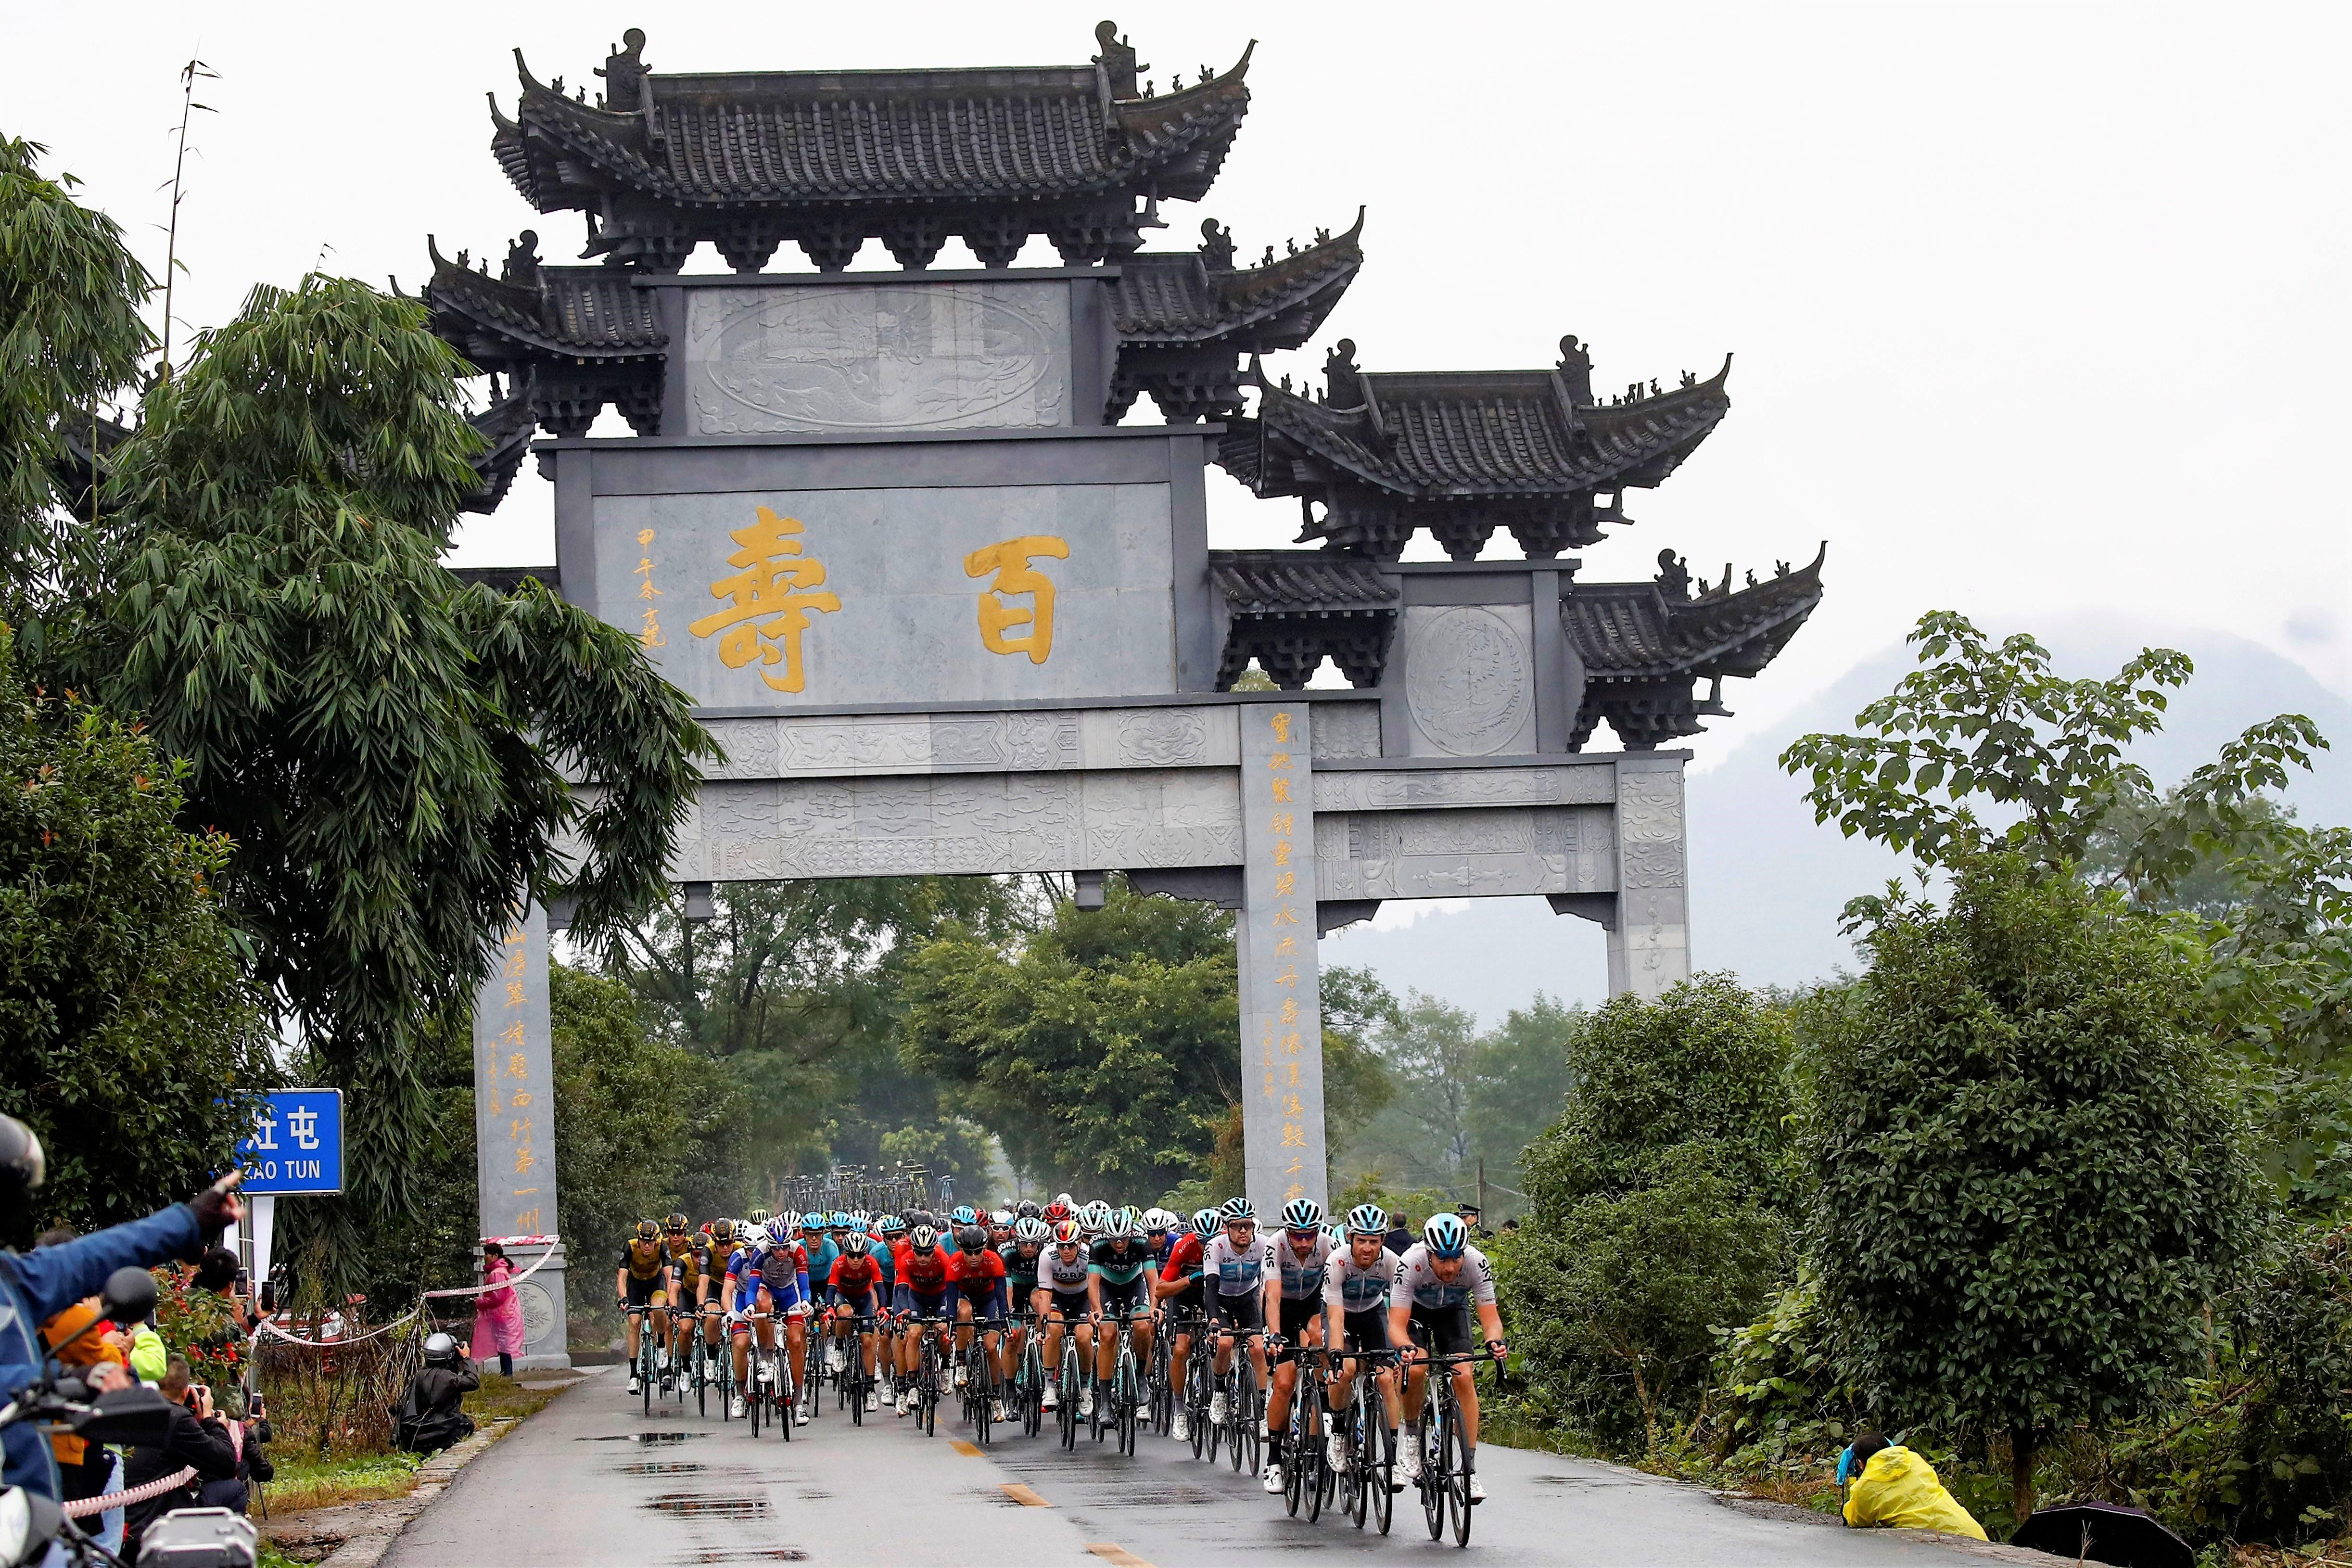 中国ならではの景色の中を行く集団。バーレーンメリダもまとまって走る姿が確認できる